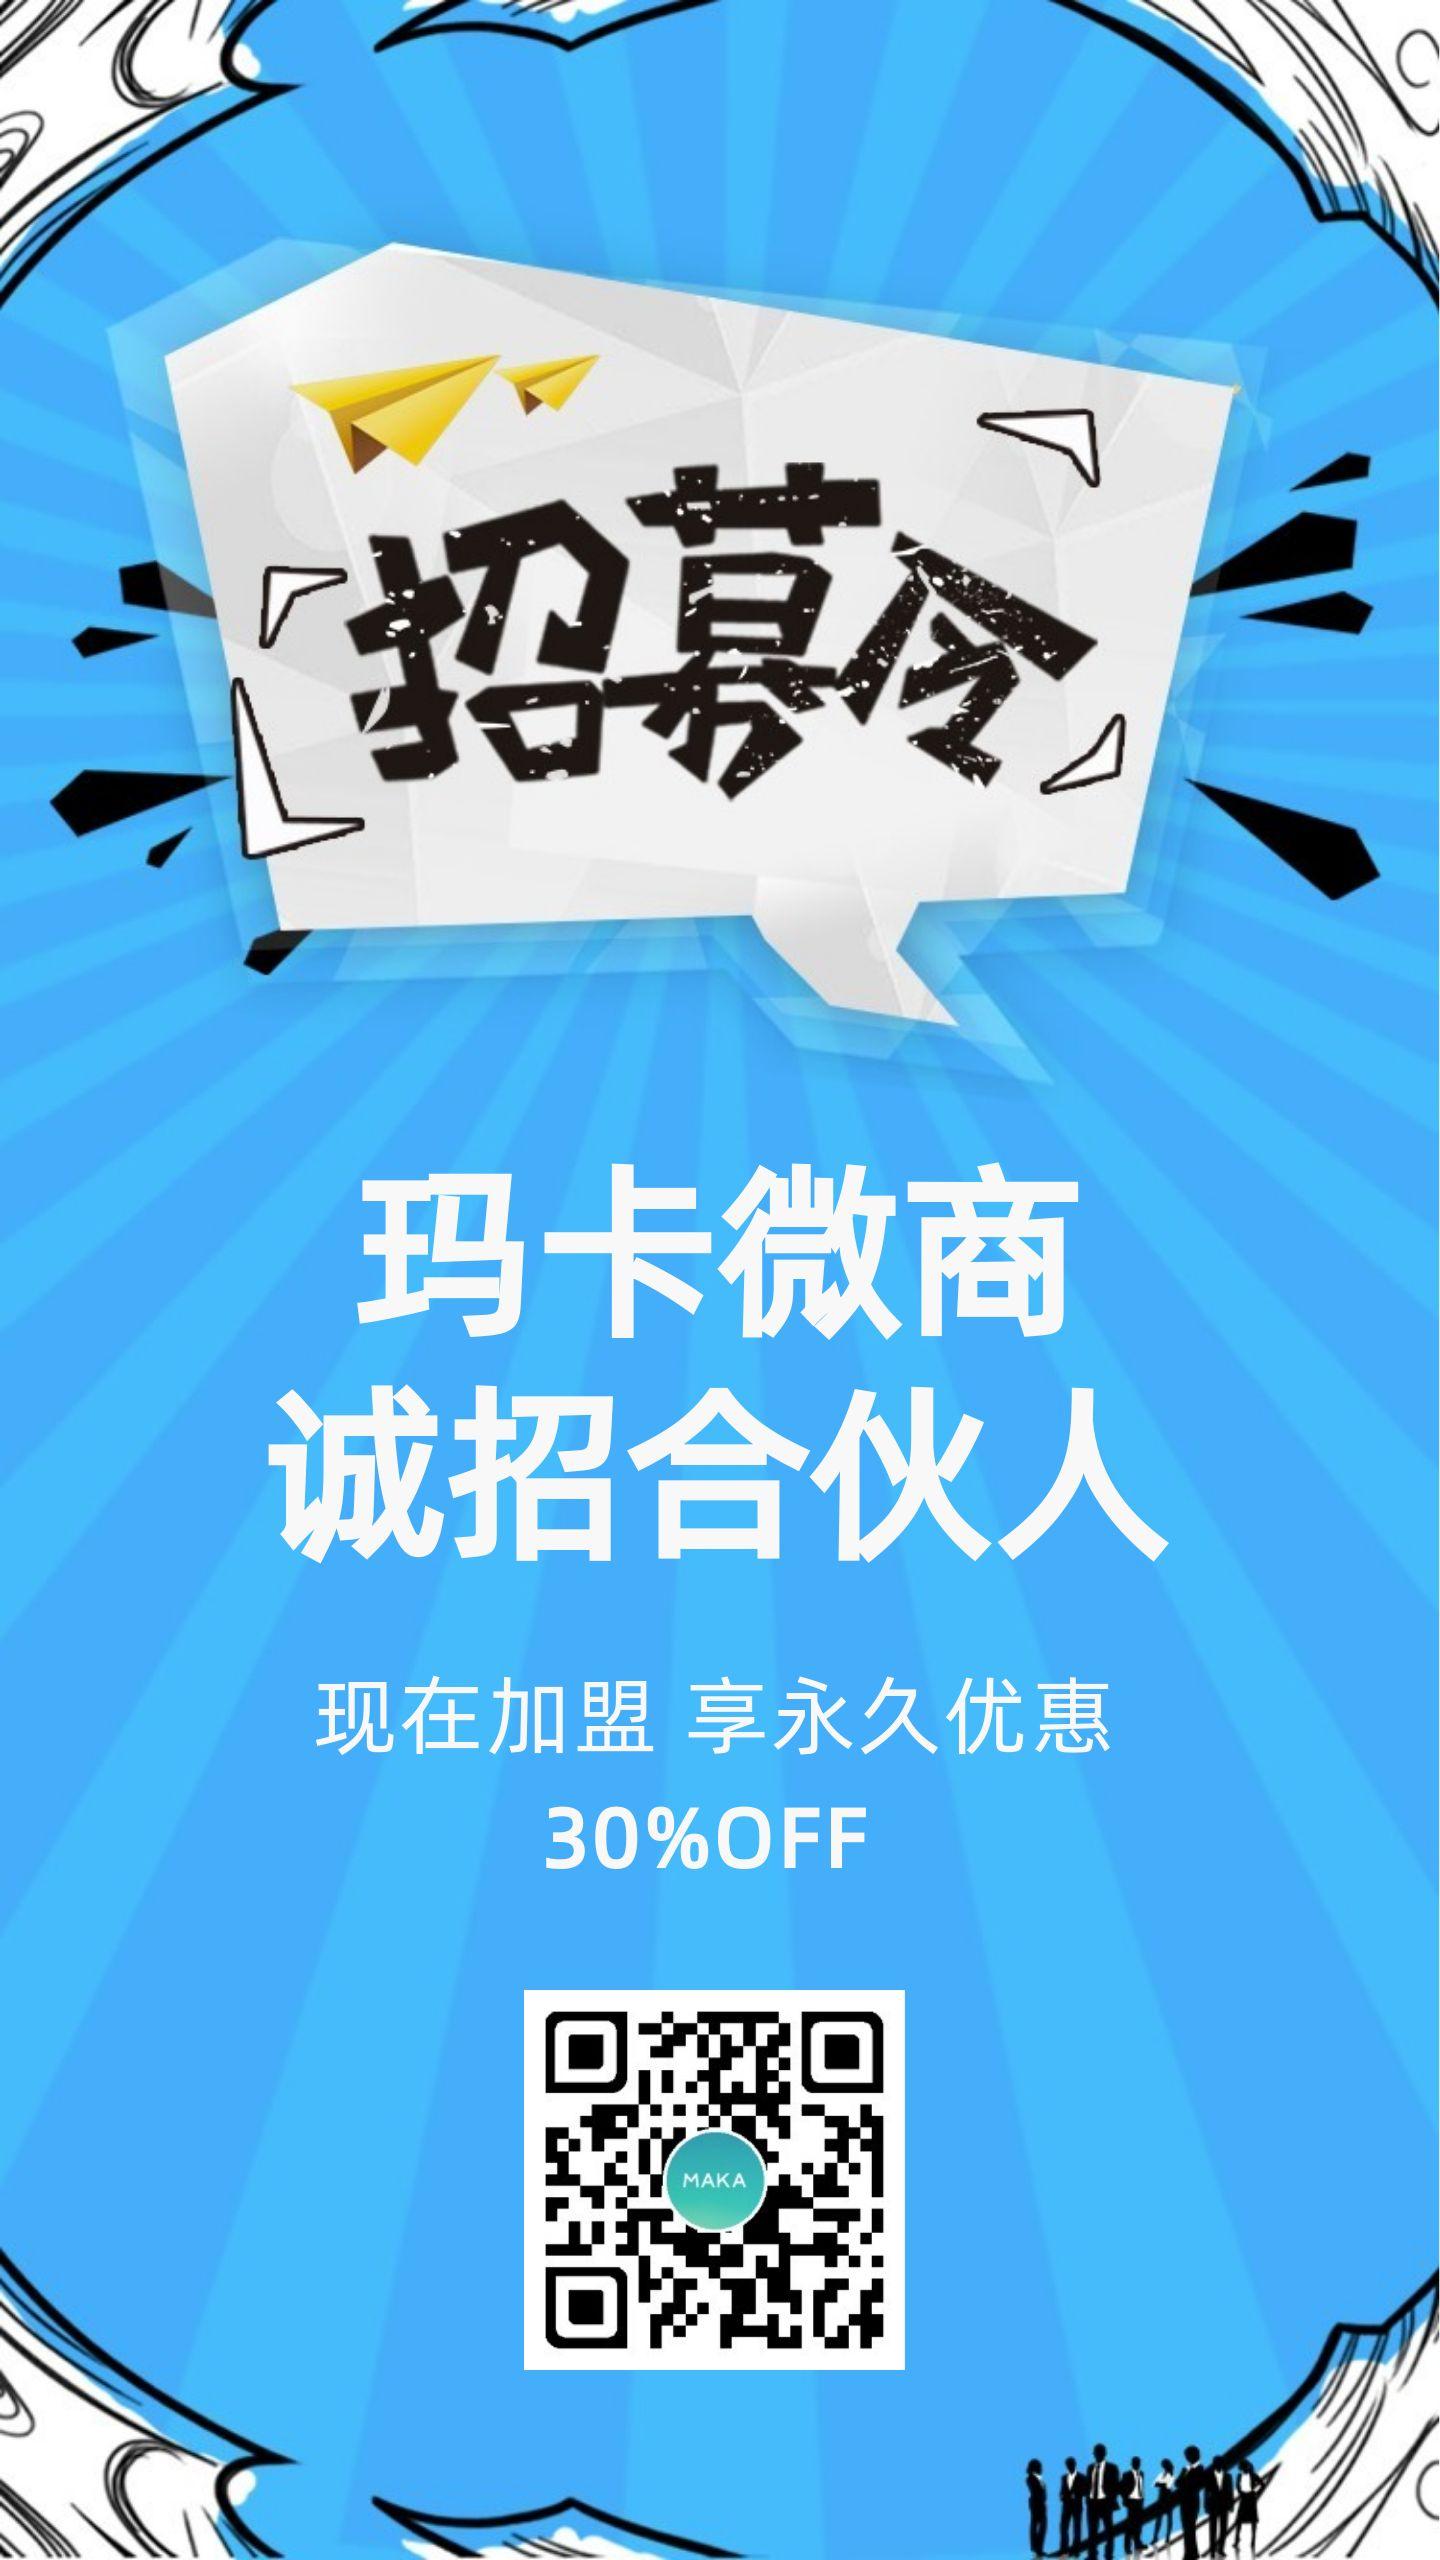 蓝色卡通手绘风微商代理招募/企业招聘宣传海报